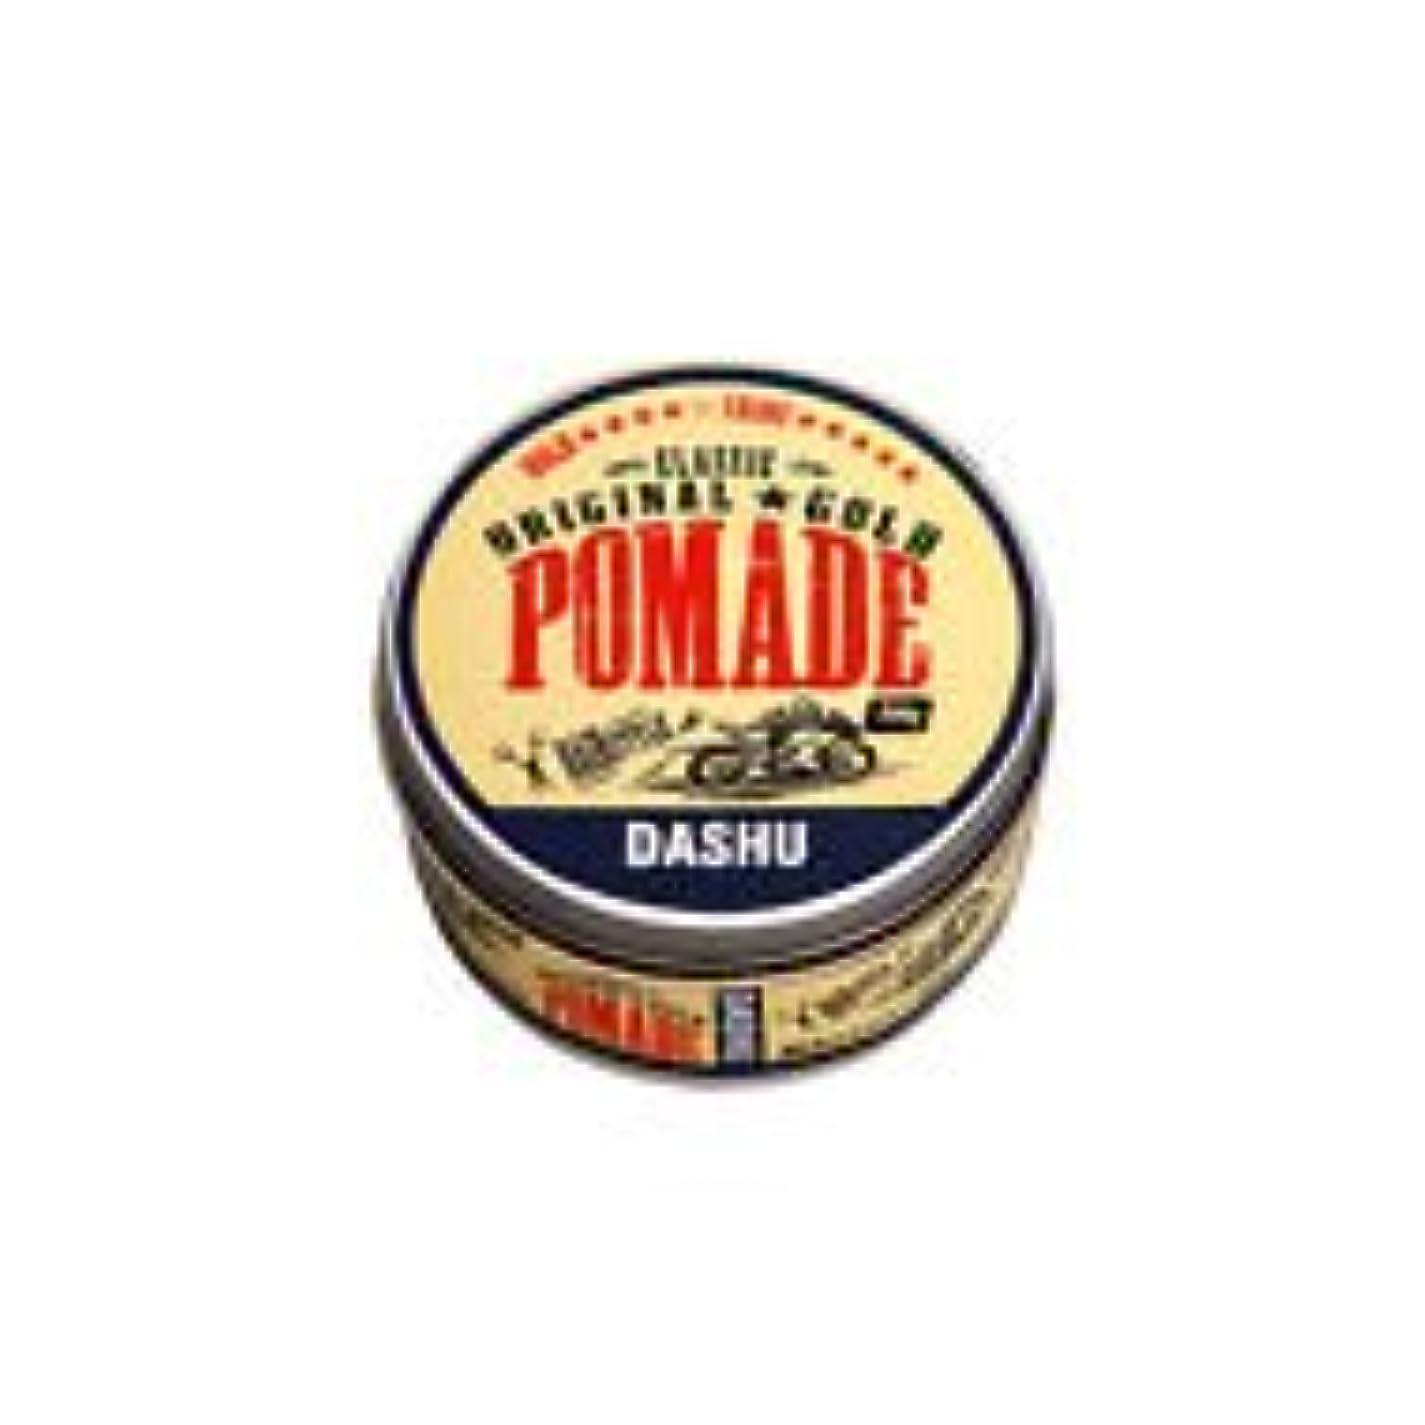 禁止バングラデシュ十分な[DASHU] ダシュ クラシックオリジナルゴールドポマードヘアワックス Classic Original Gold Pomade Hair Wax 100ml / 韓国製 . 韓国直送品